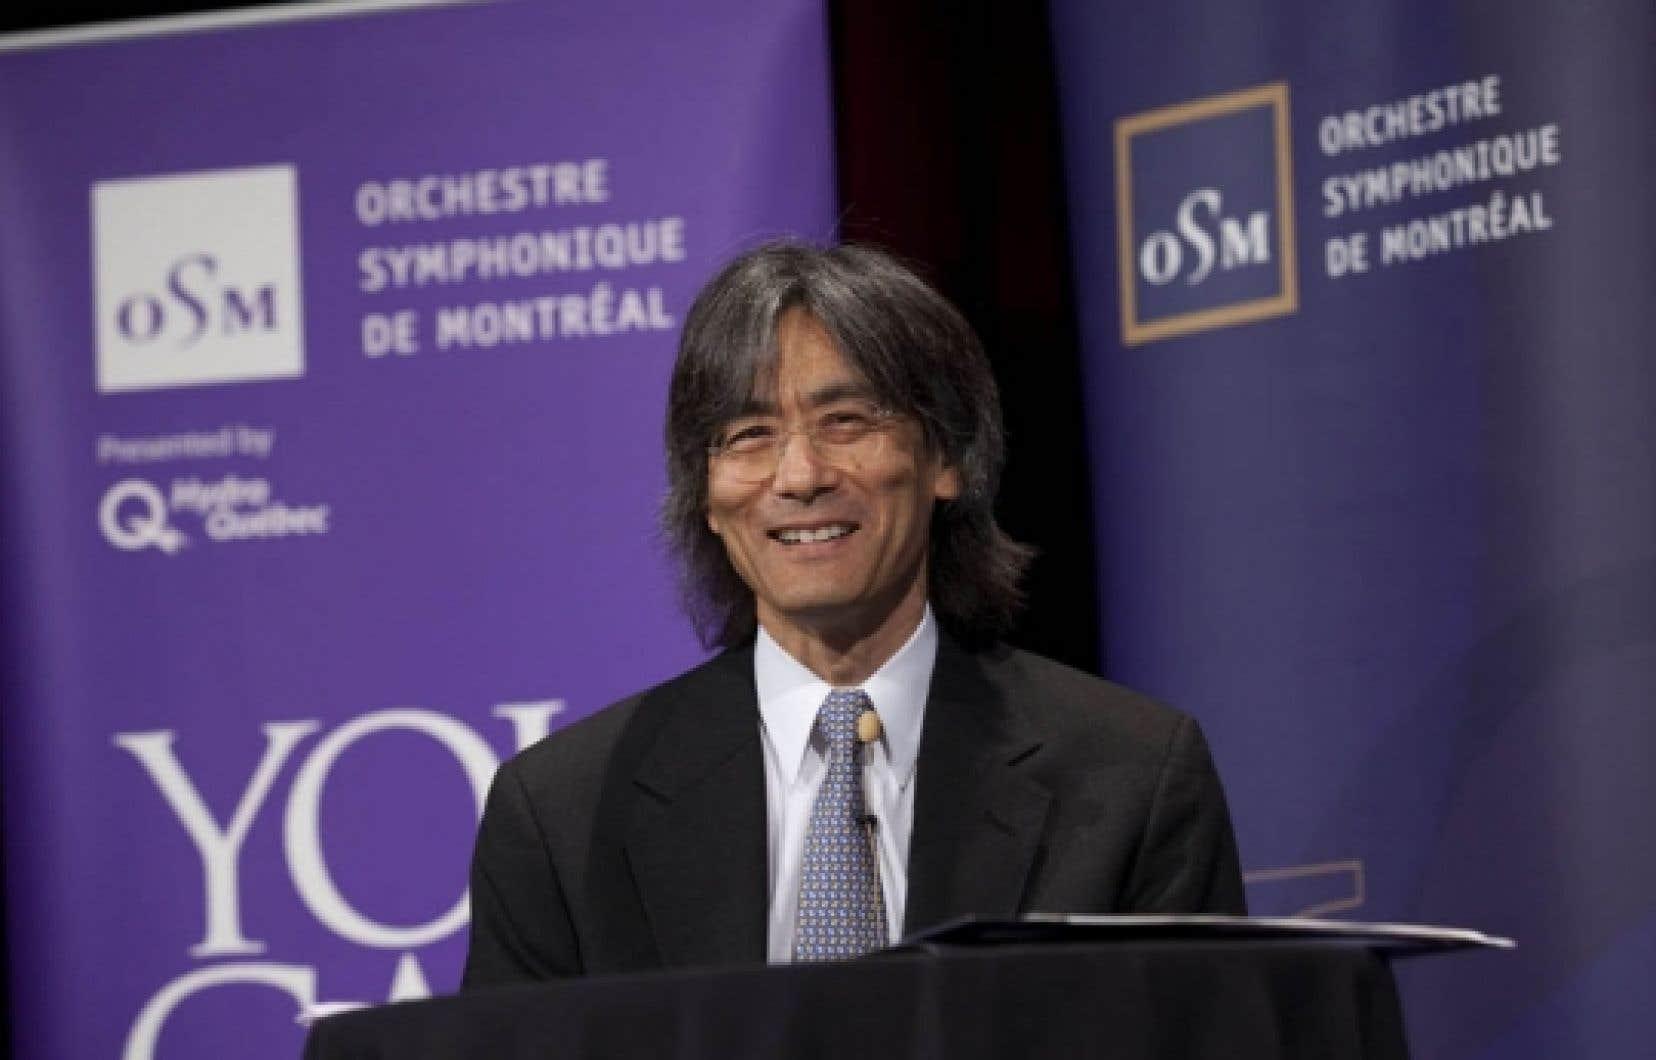 C'est au cours d'une conférence de presse hier que le directeur musical de l'OSM, Kent Nagano, a dévoilé la programmation de l'orchestre pour la saison 2010-2011, dans sa nouvelle demeure.